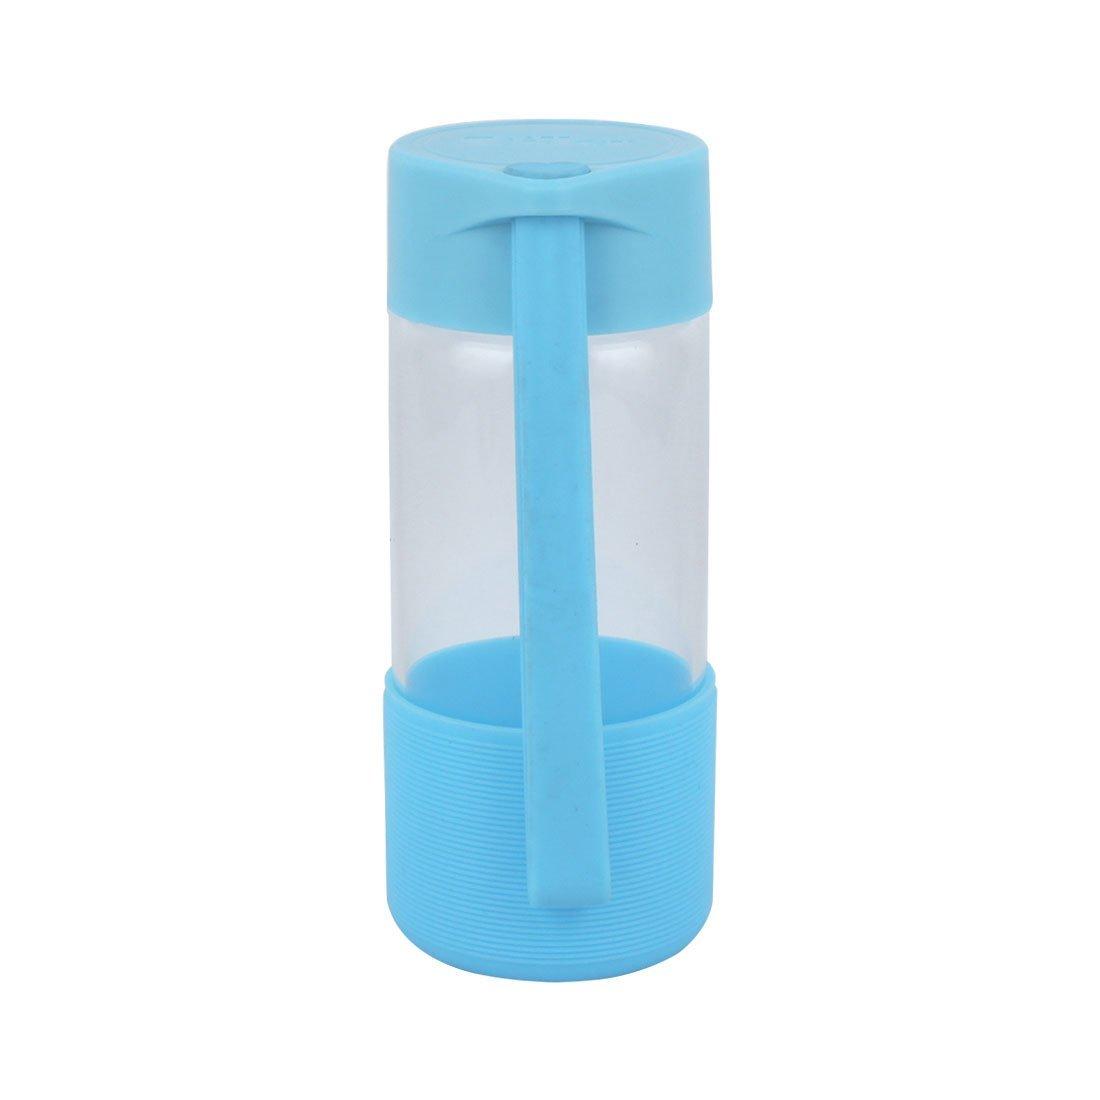 Amazon.com : eDealMax Diller Autorizado de silicona Manga té Taza de jugo portátil Deportes Senderismo Taza 300ml Botella de agua Potable : Sports & ...